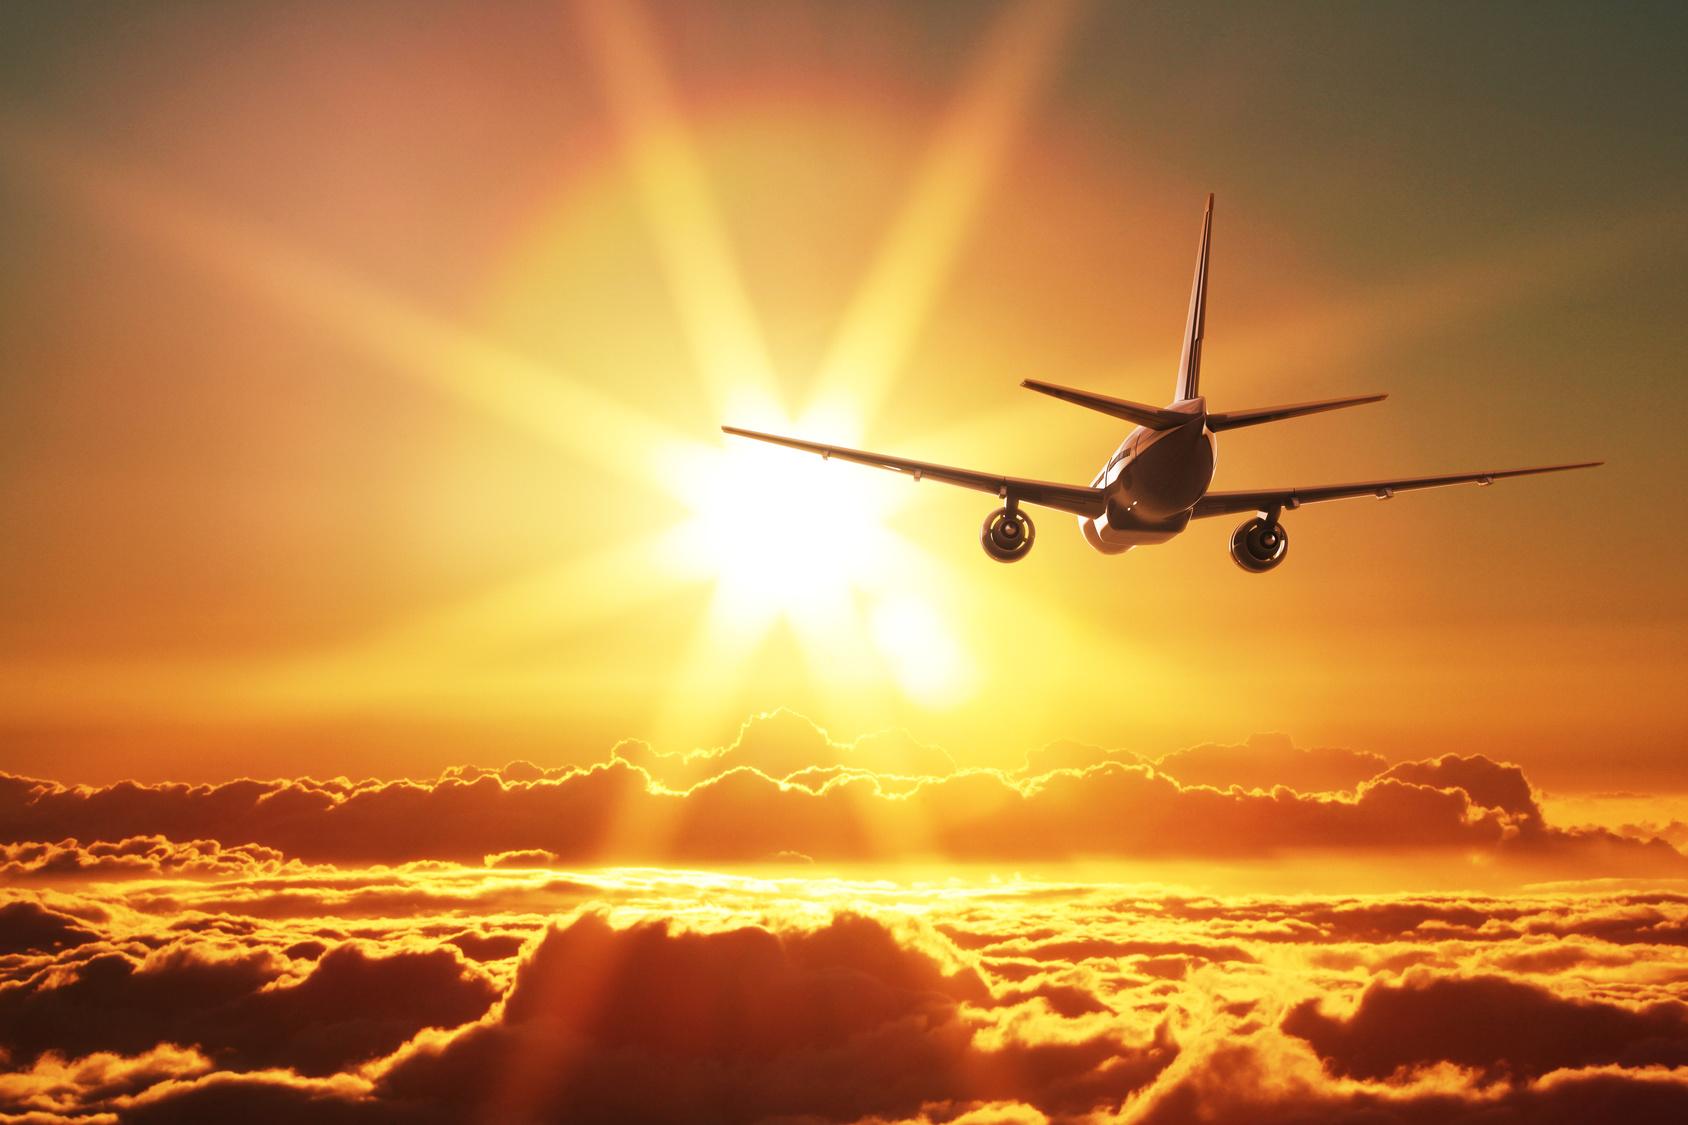 Красивые картинки на самолетах